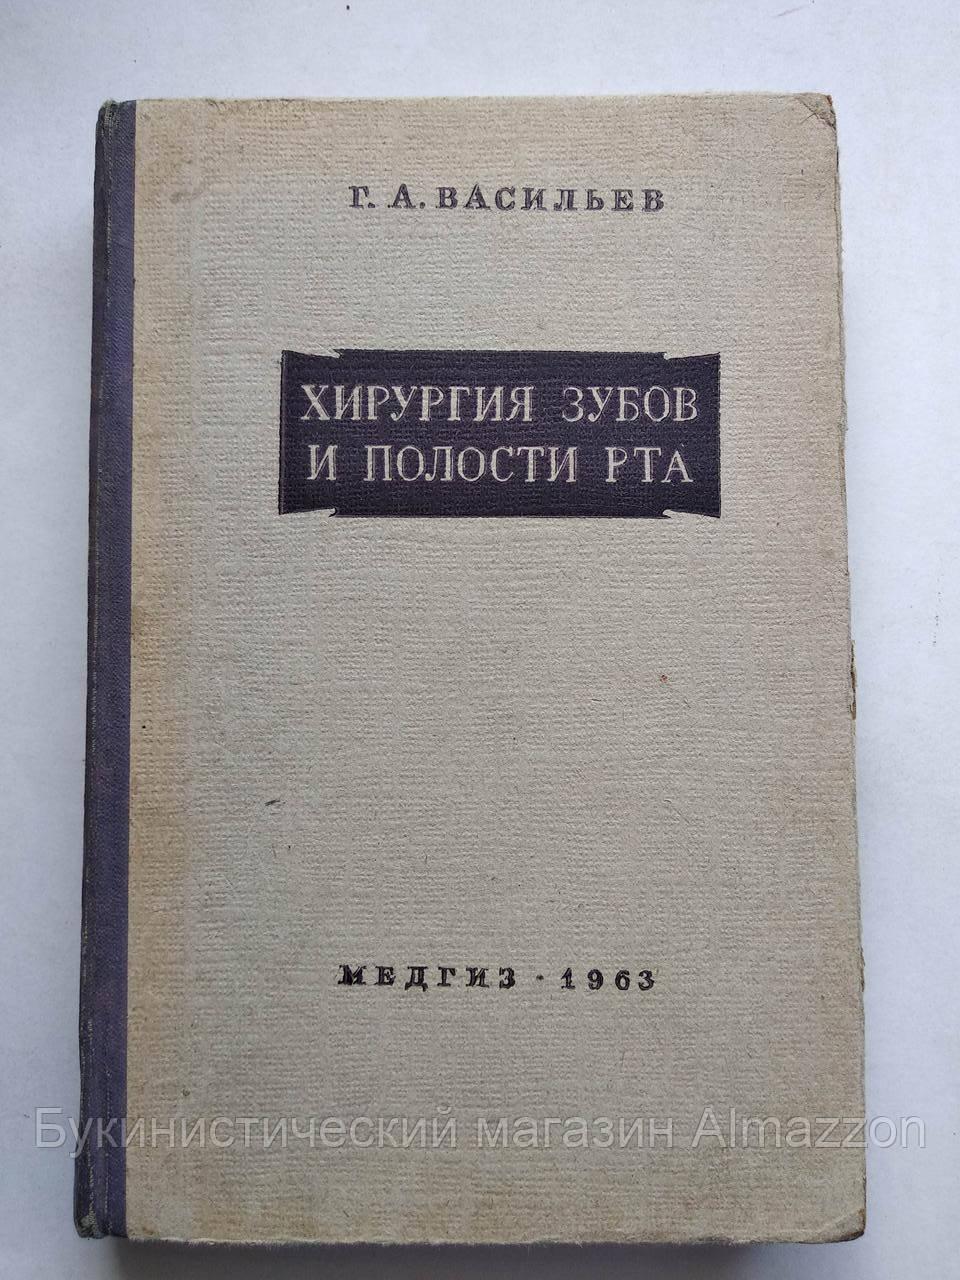 Хирургия зубов и полости рта Г.А.Васильев